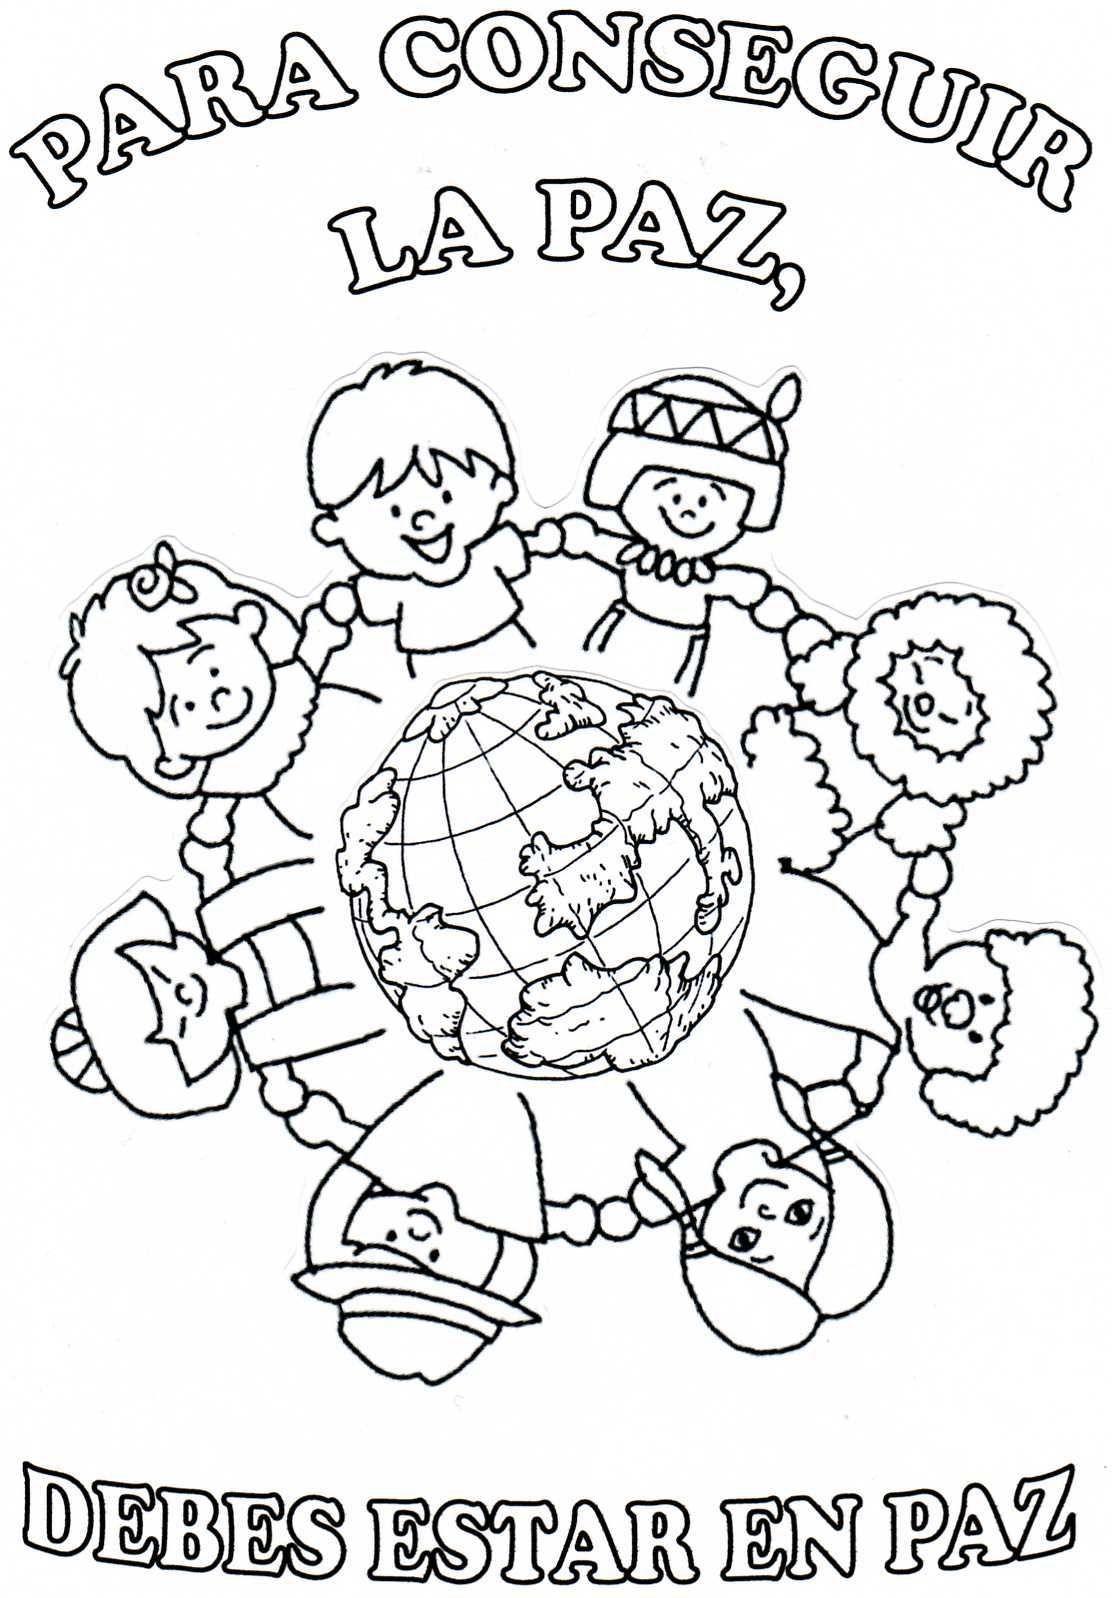 El Valor De La Paz Dibujos De La Paz Dia De La Paz Letras De Canciones Infantiles